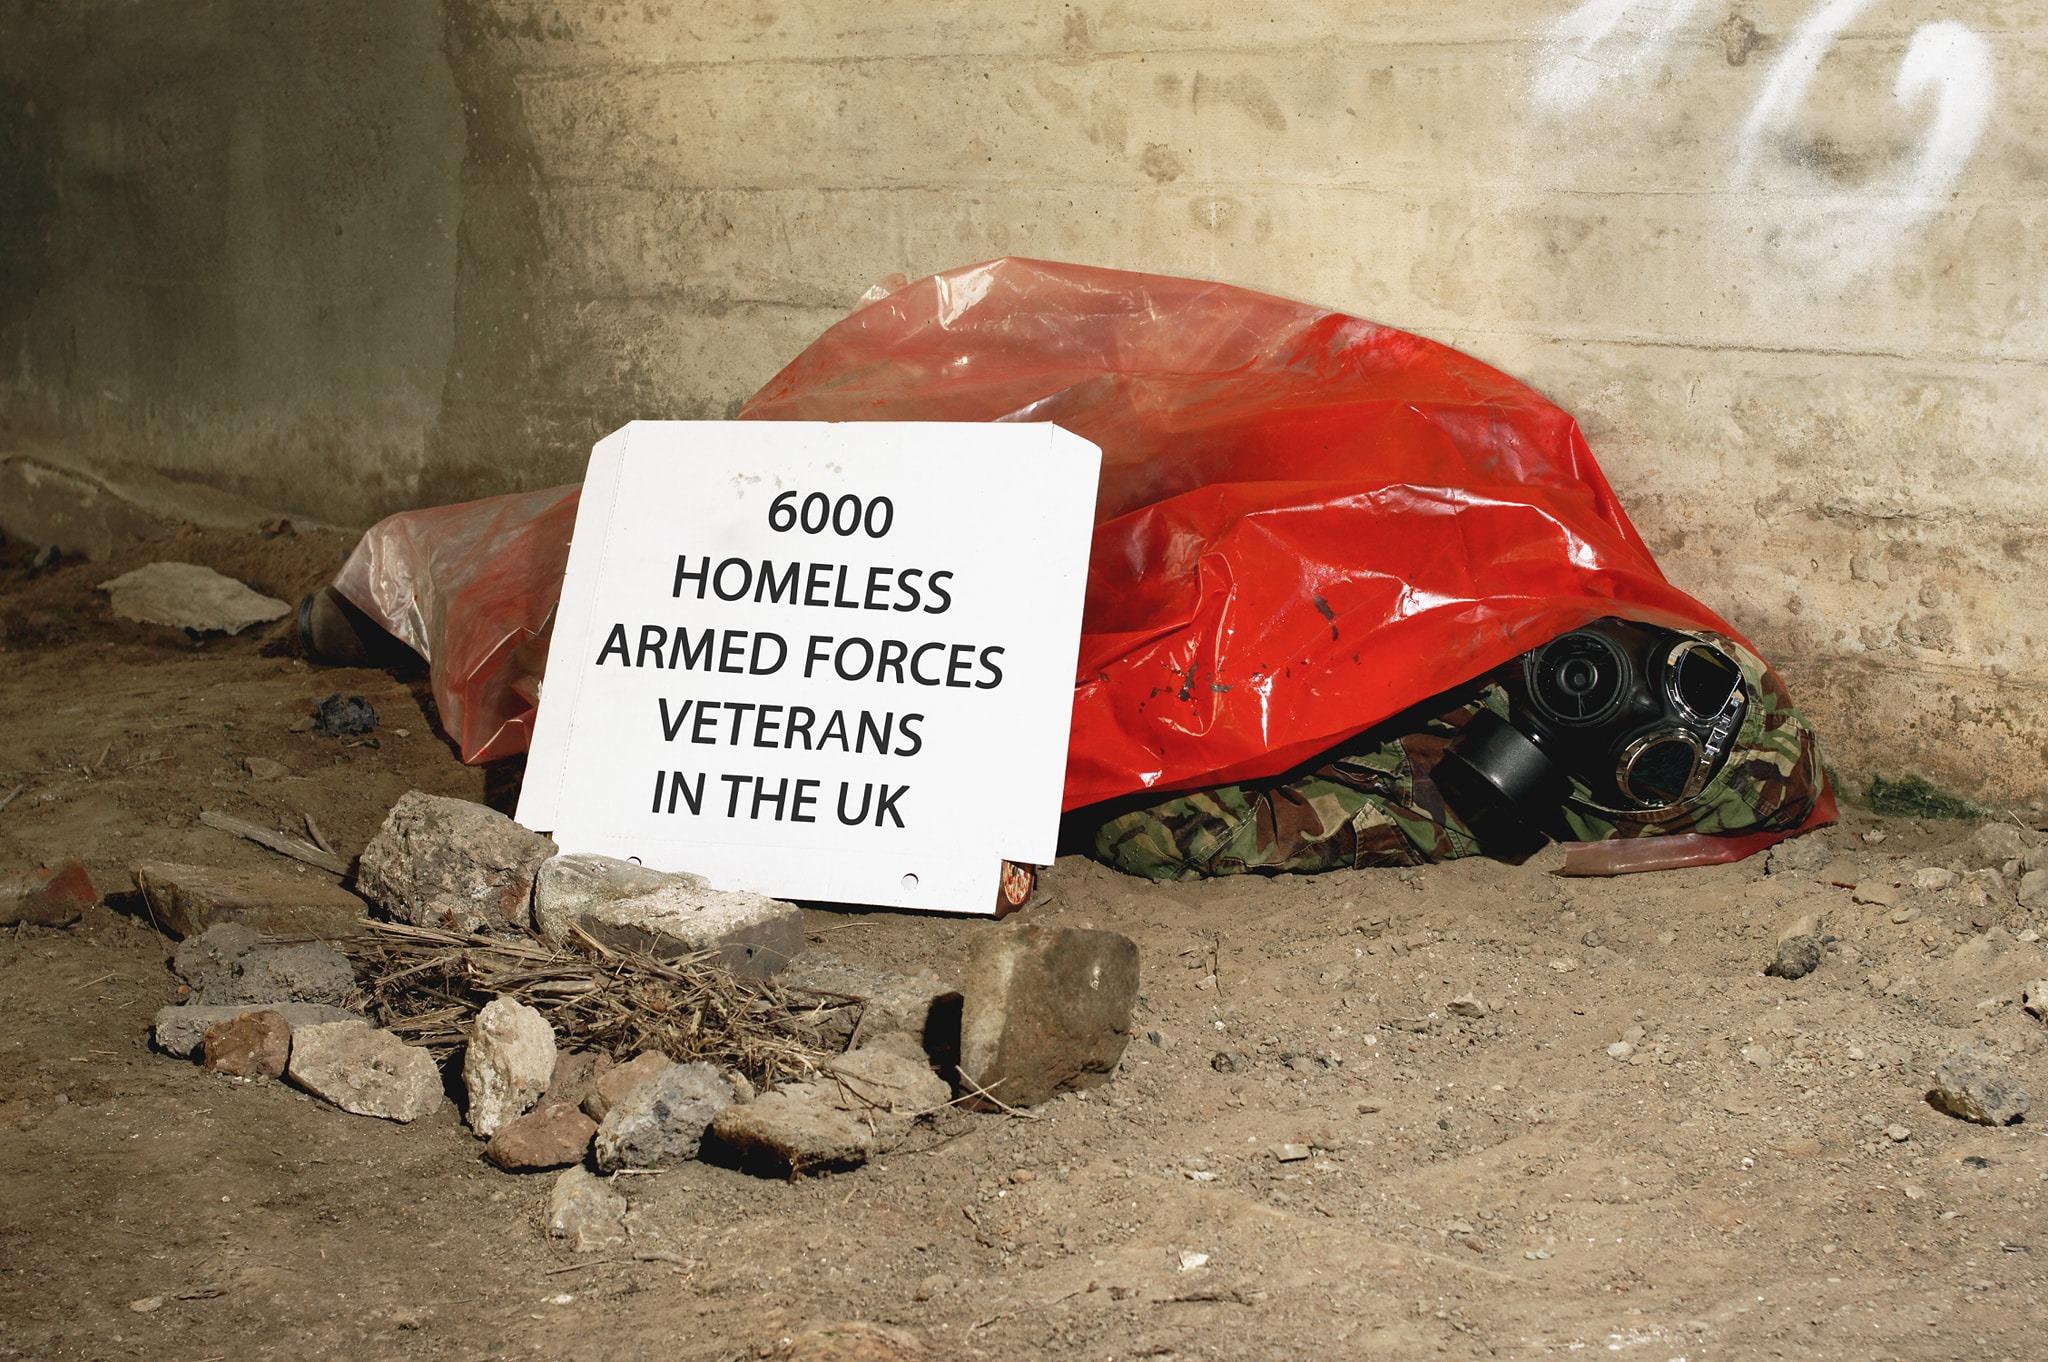 6000 Homeless UK Veterans